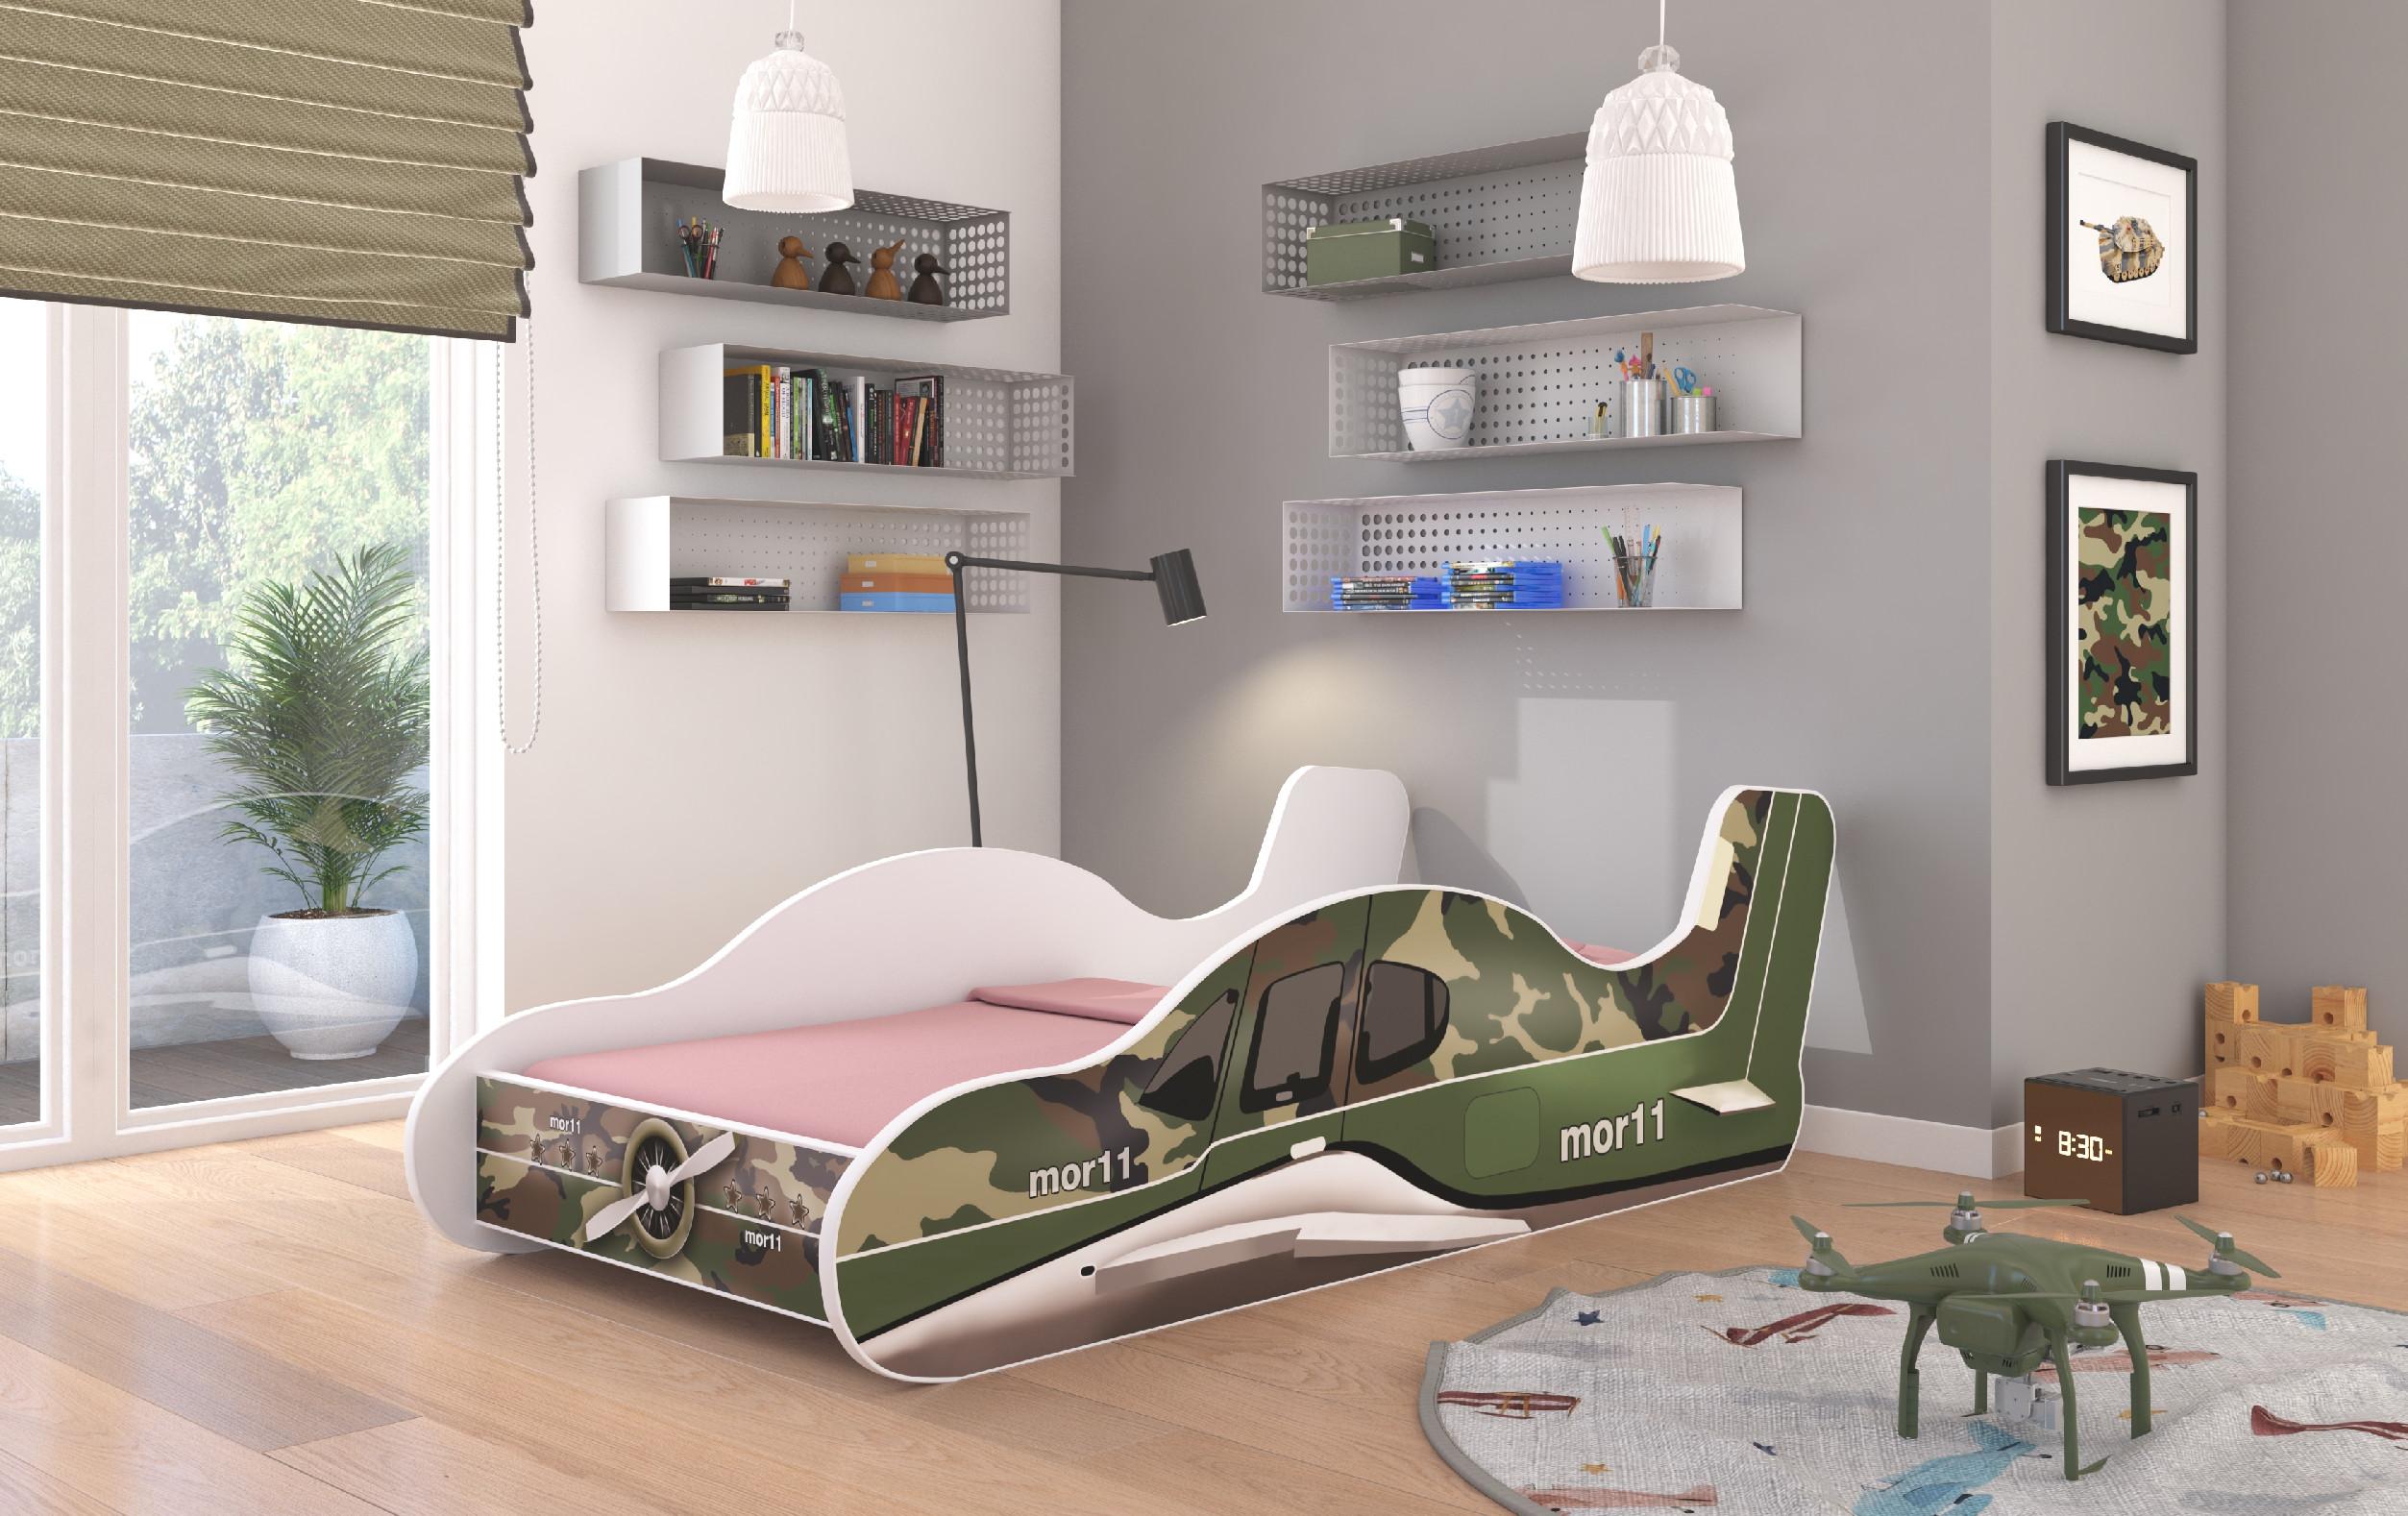 ArtAdr Detská posteľ PLANE Farba: Zelená, Prevedenie: 70 x 140 cm